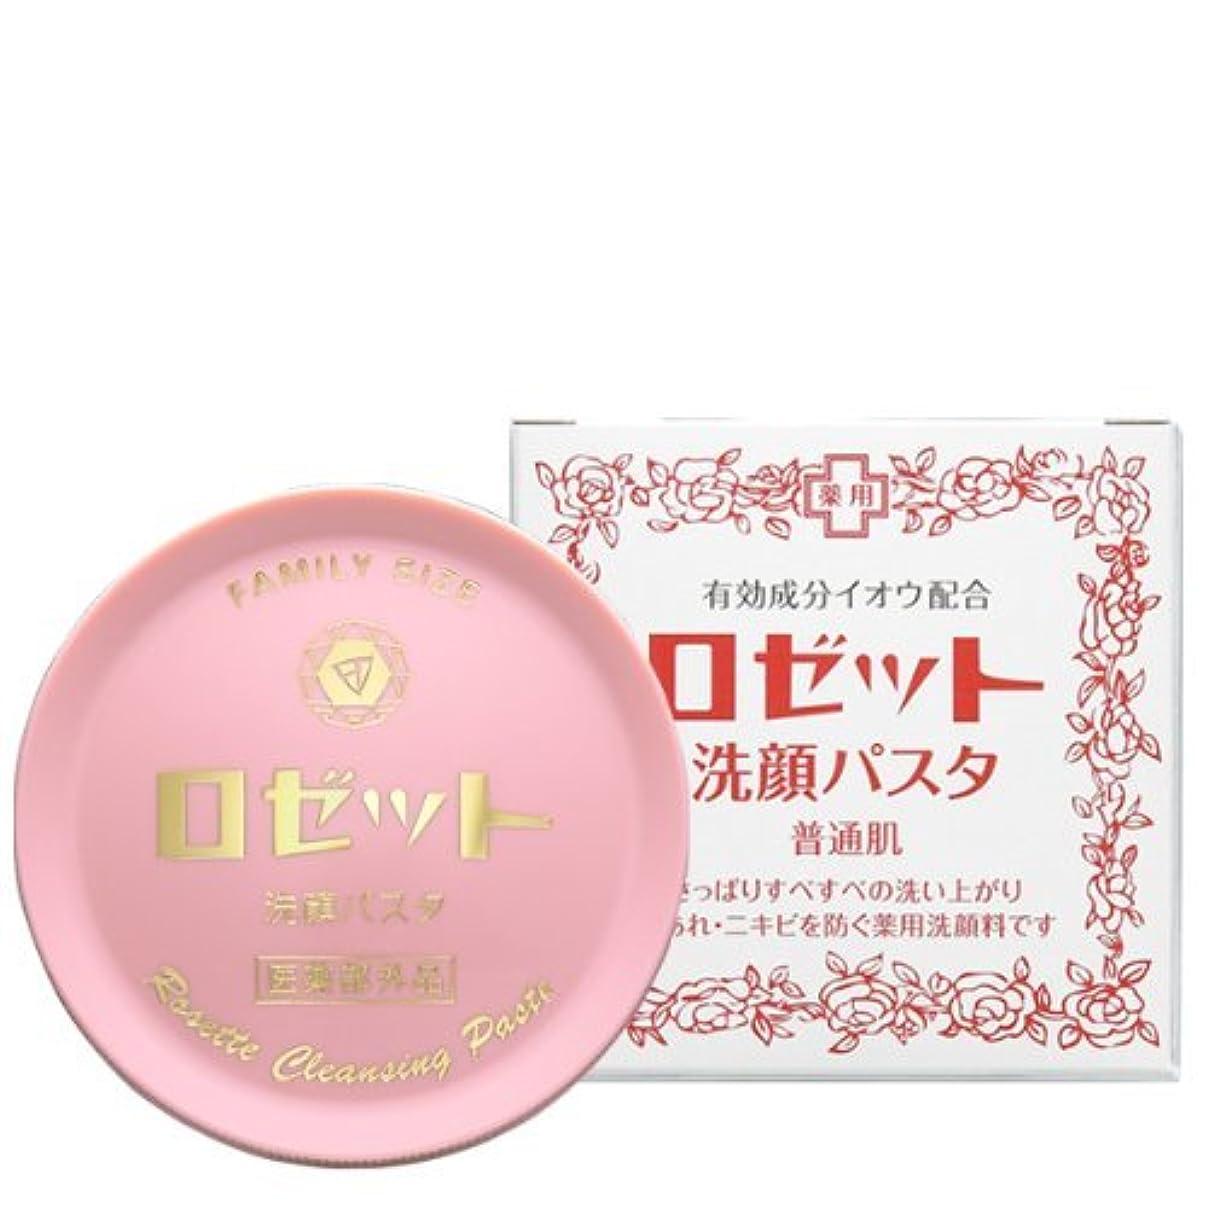 ディベート責任者検出するロゼット 洗顔パスタ 普通肌 90g (医薬部外品)